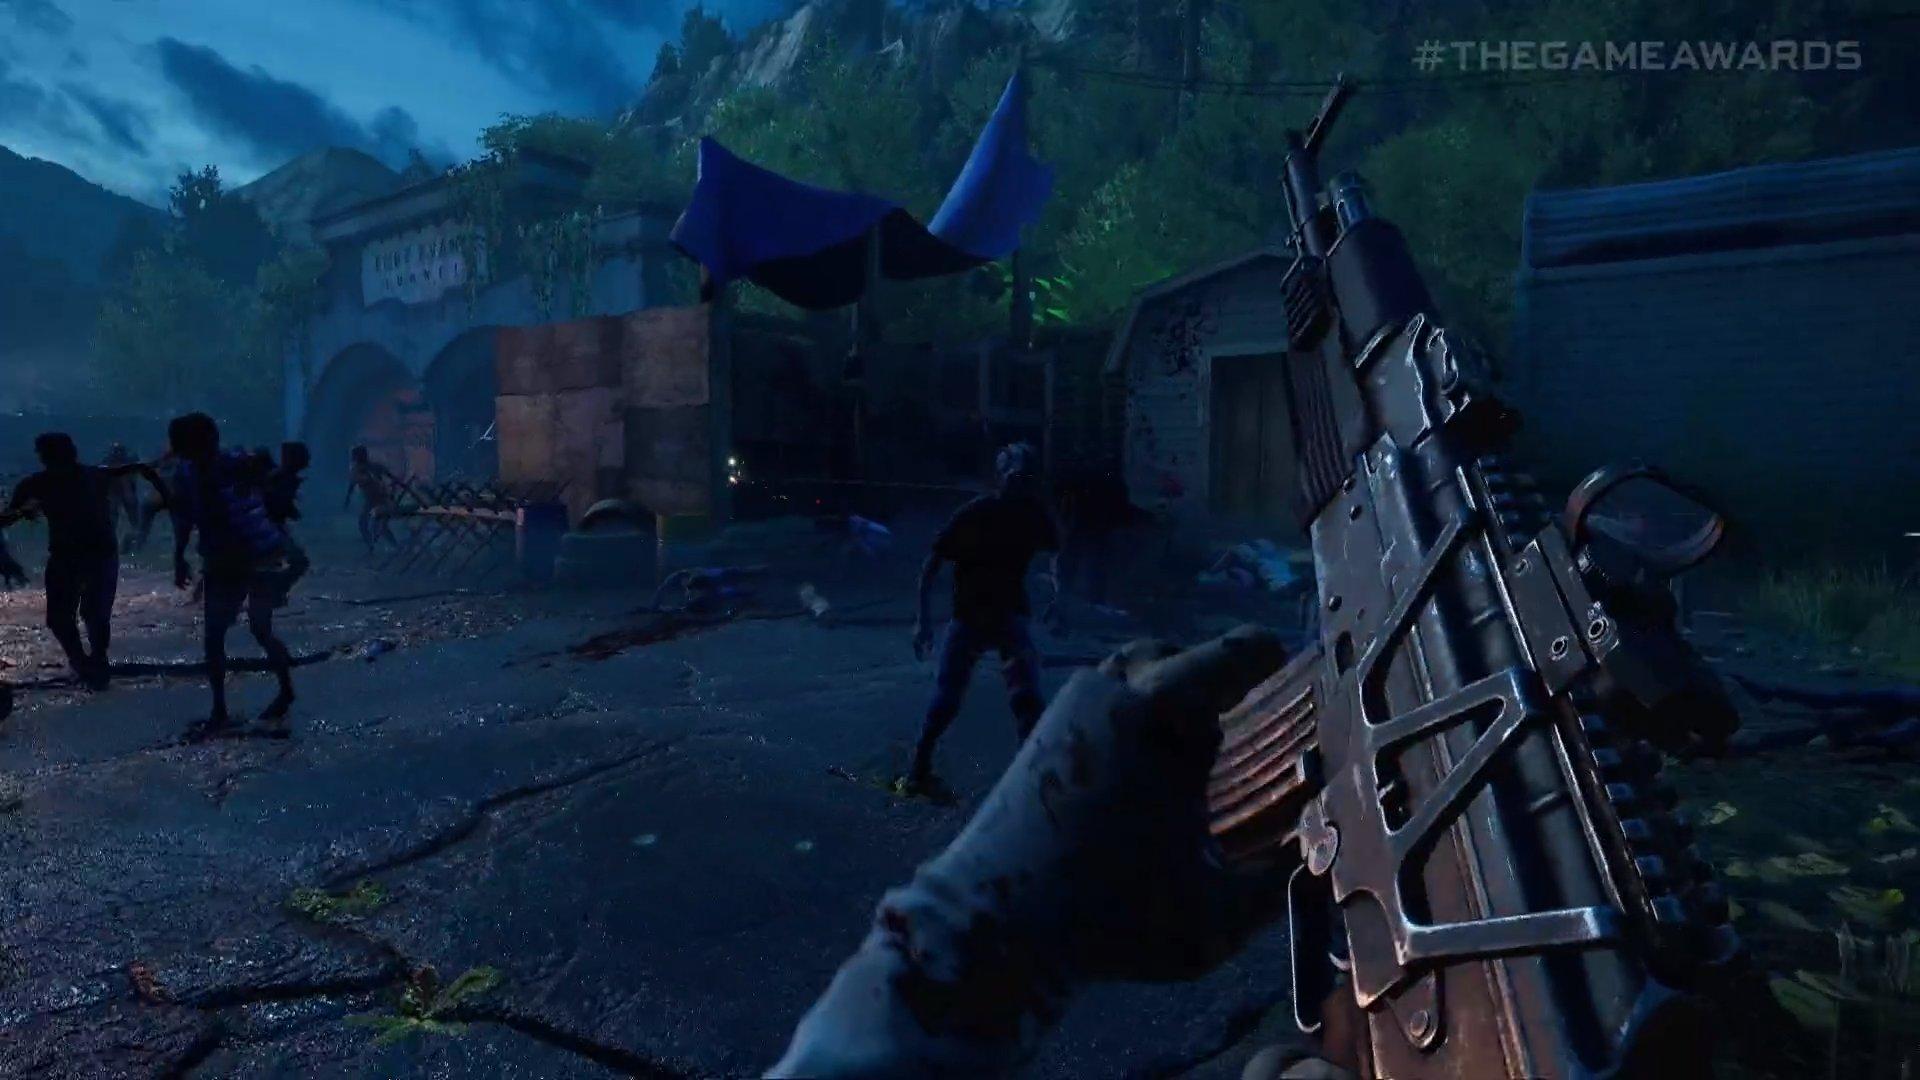 TGA 2020:《求生之路》开发商新作《嗜血回归》演示首曝 发售日确定